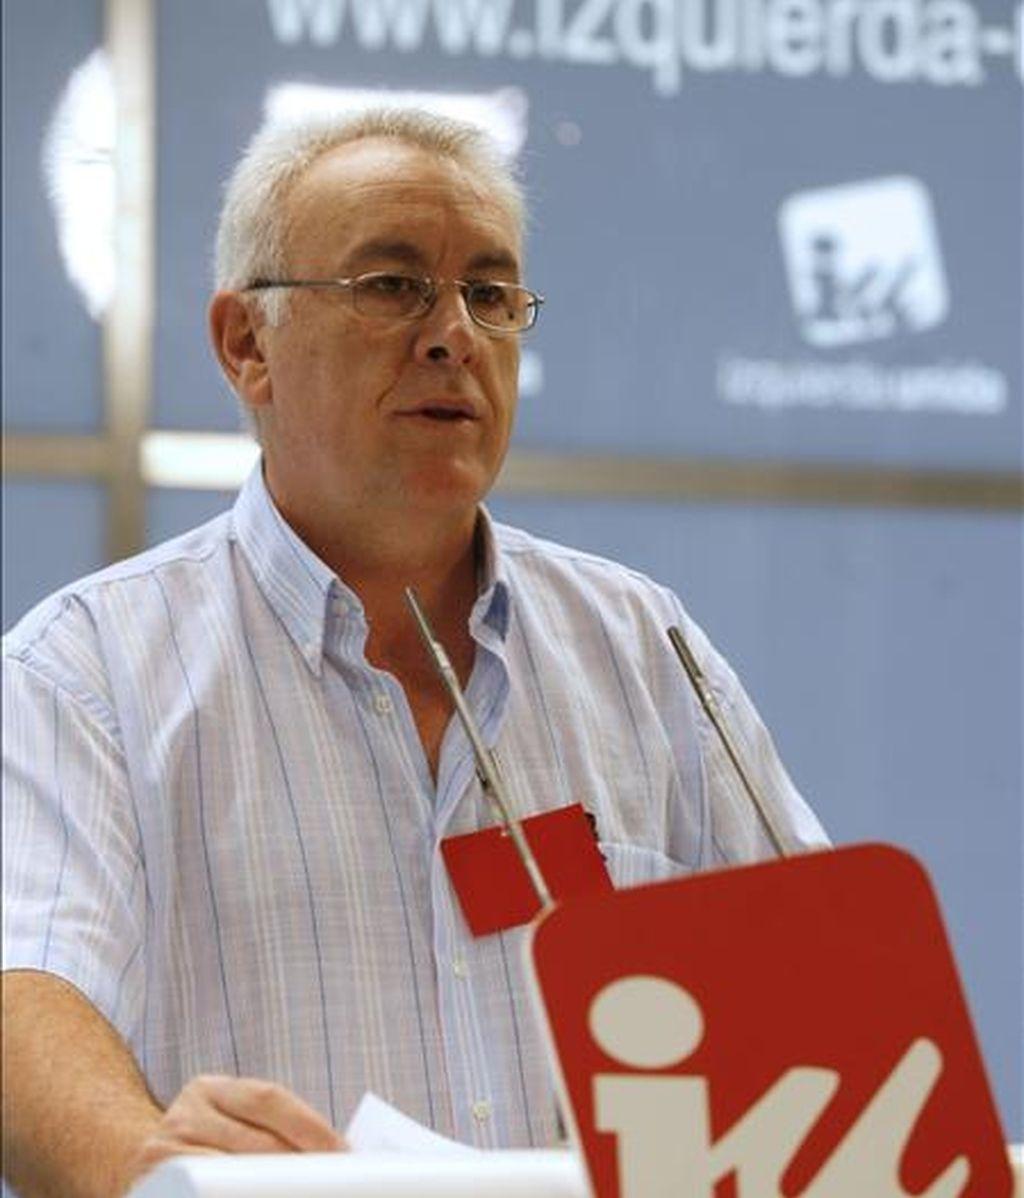 El coordinador general de Izquierda Unida, Cayo Lara, durante su intervención en la reunión del Consejo Político de la formación. EFE